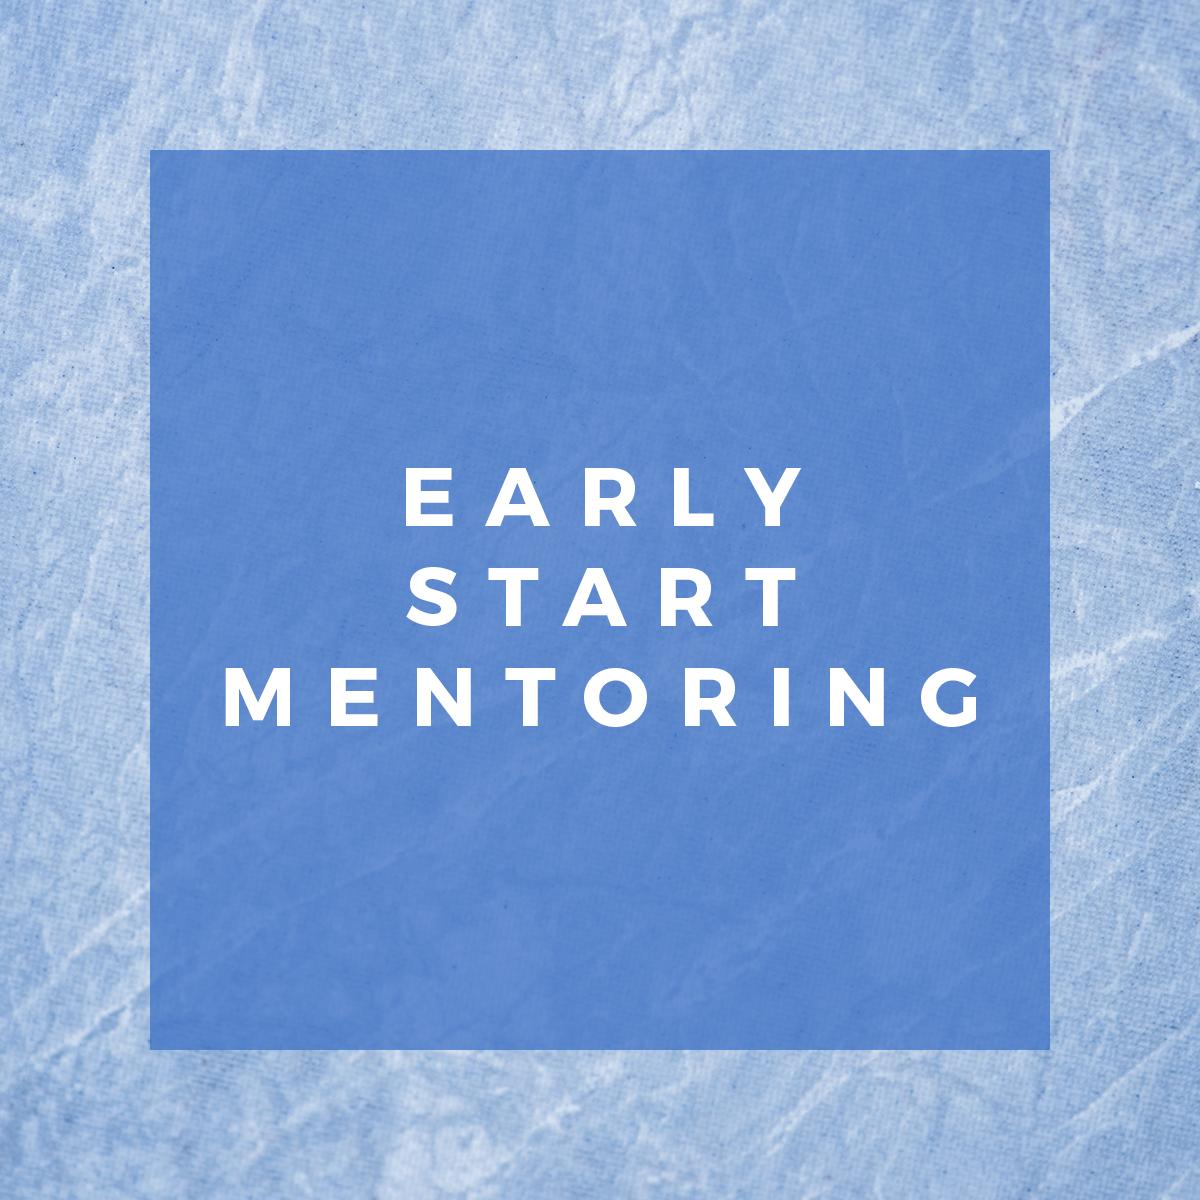 Early-Start-Mentoring.jpg